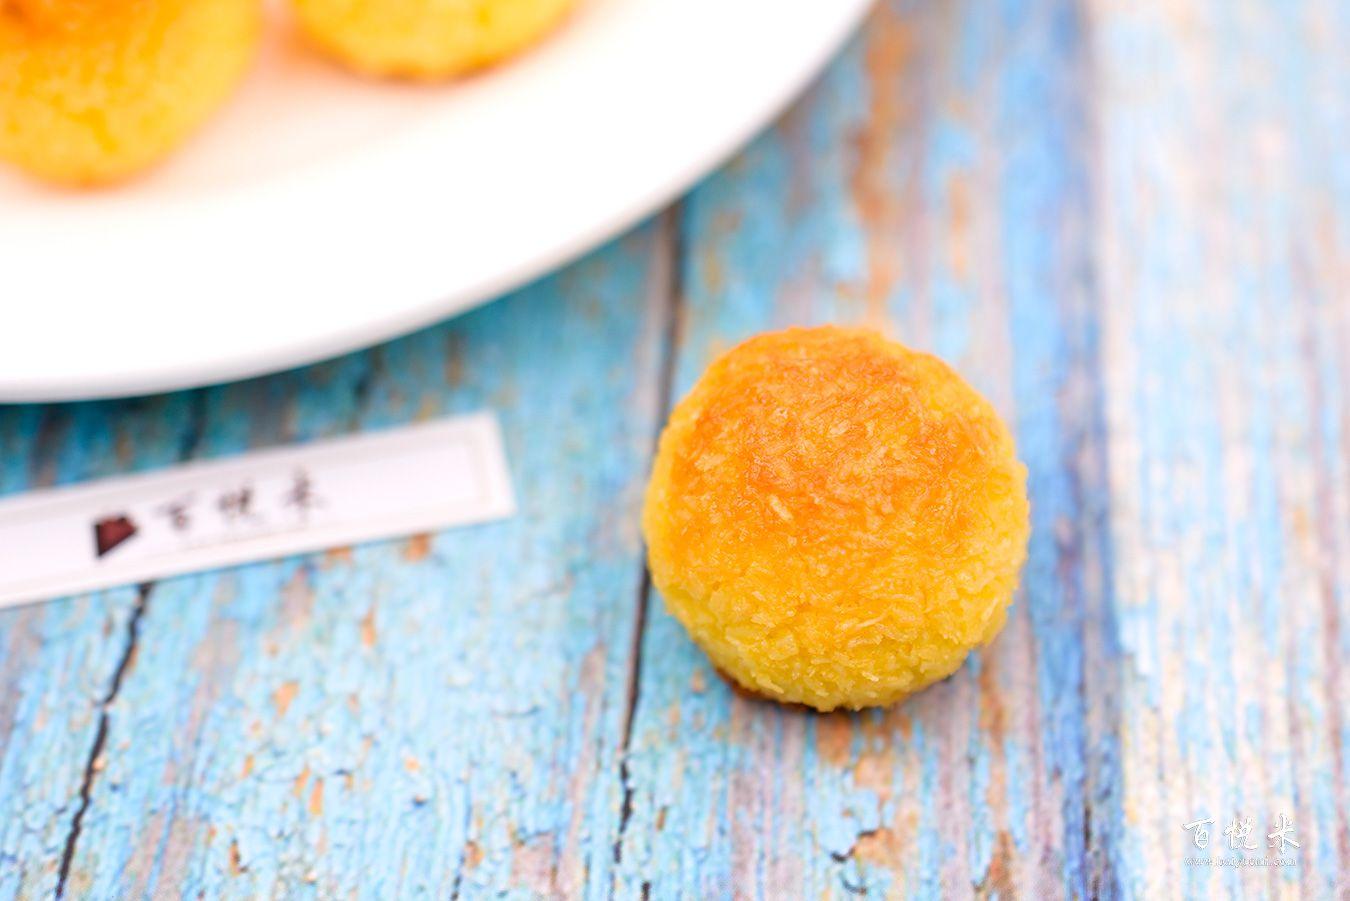 黄金椰蓉球高清图片大全【蛋糕图片】_592